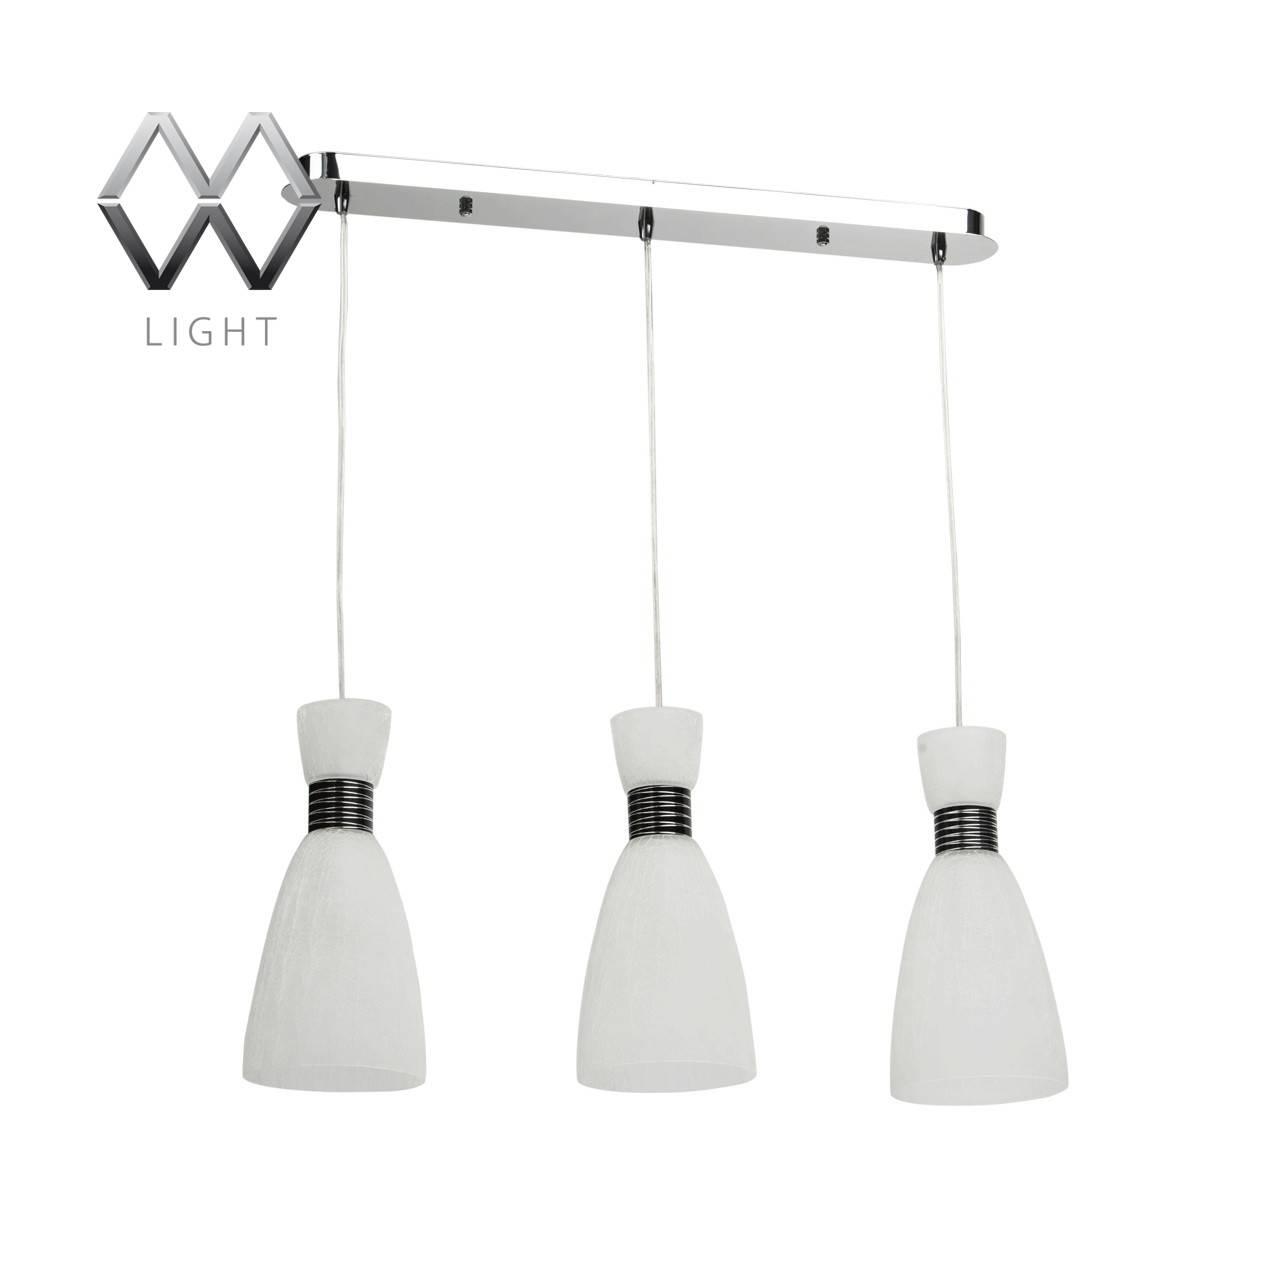 Подвесной светильник MW-Light Лоск 5 354016403 mw light подвесной светильник штайнберг